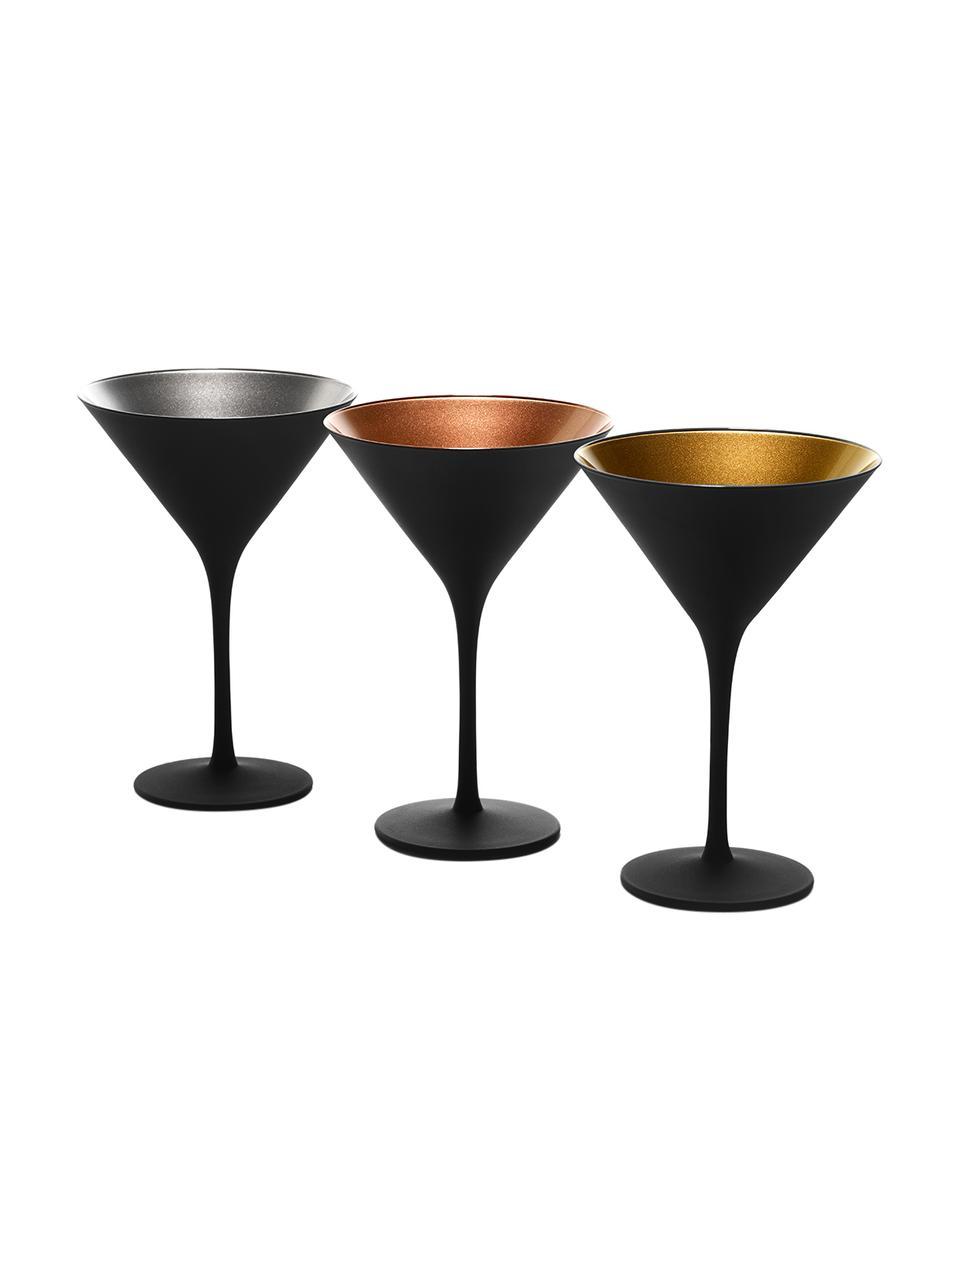 Bicchiere cocktail in cristallo nero/oro Elements 6 pz, Cristallo rivestito, Nero, dorato, Ø 12 x Alt. 17 cm